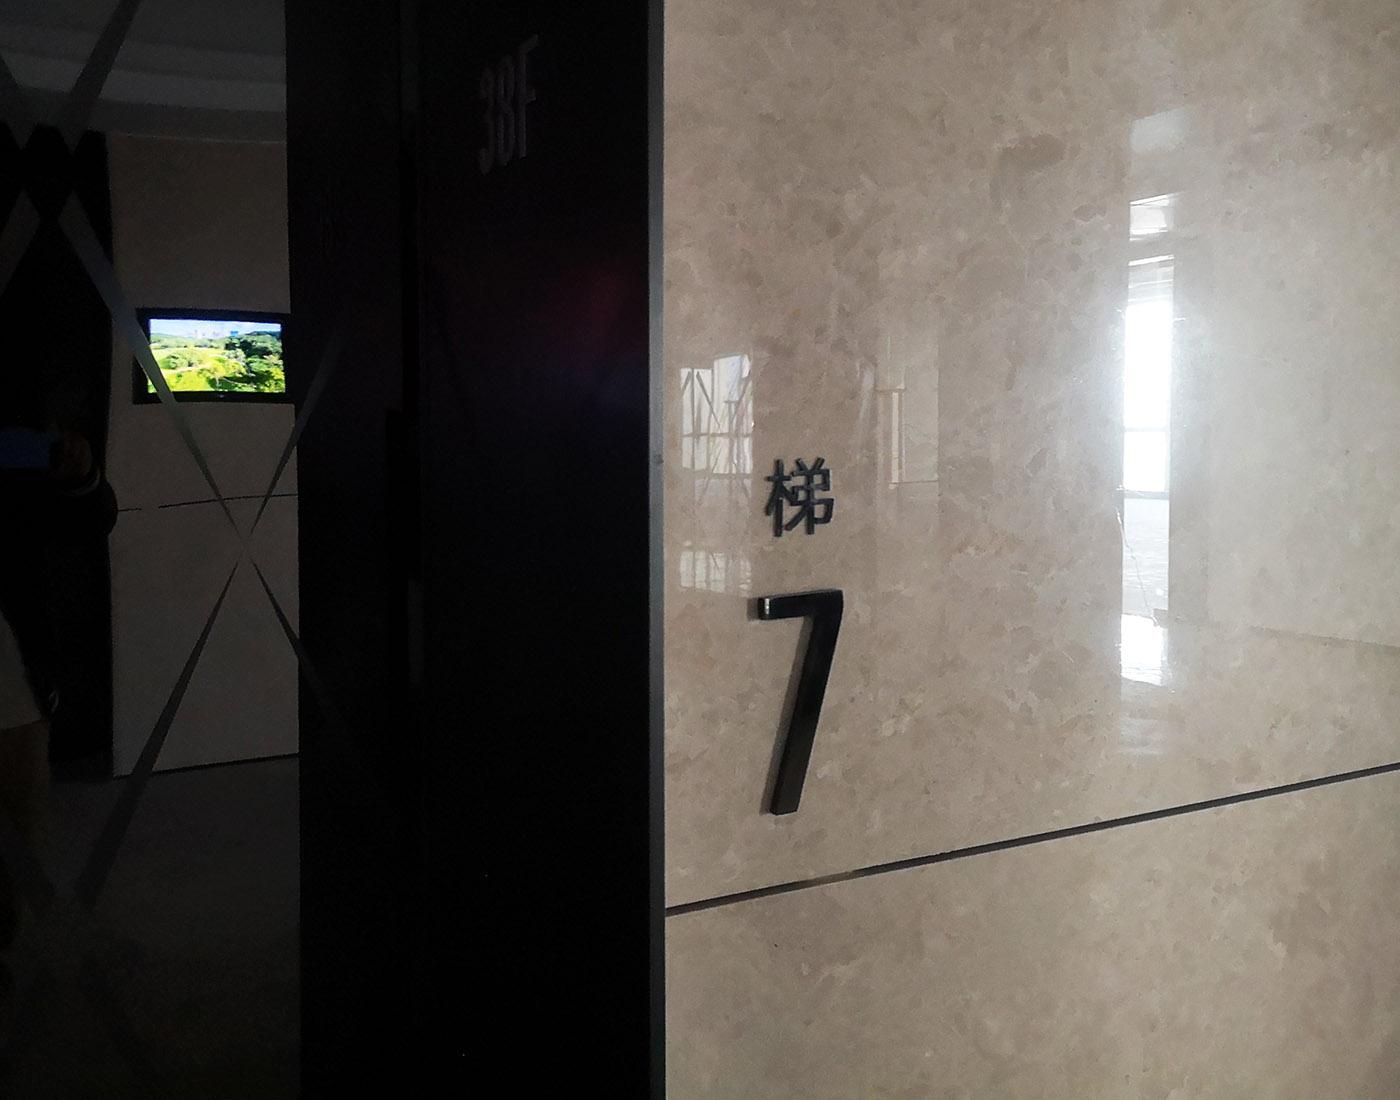 豪方天际广场标识设计 © 陈新军(深圳陈小军设计顾问有限公司)